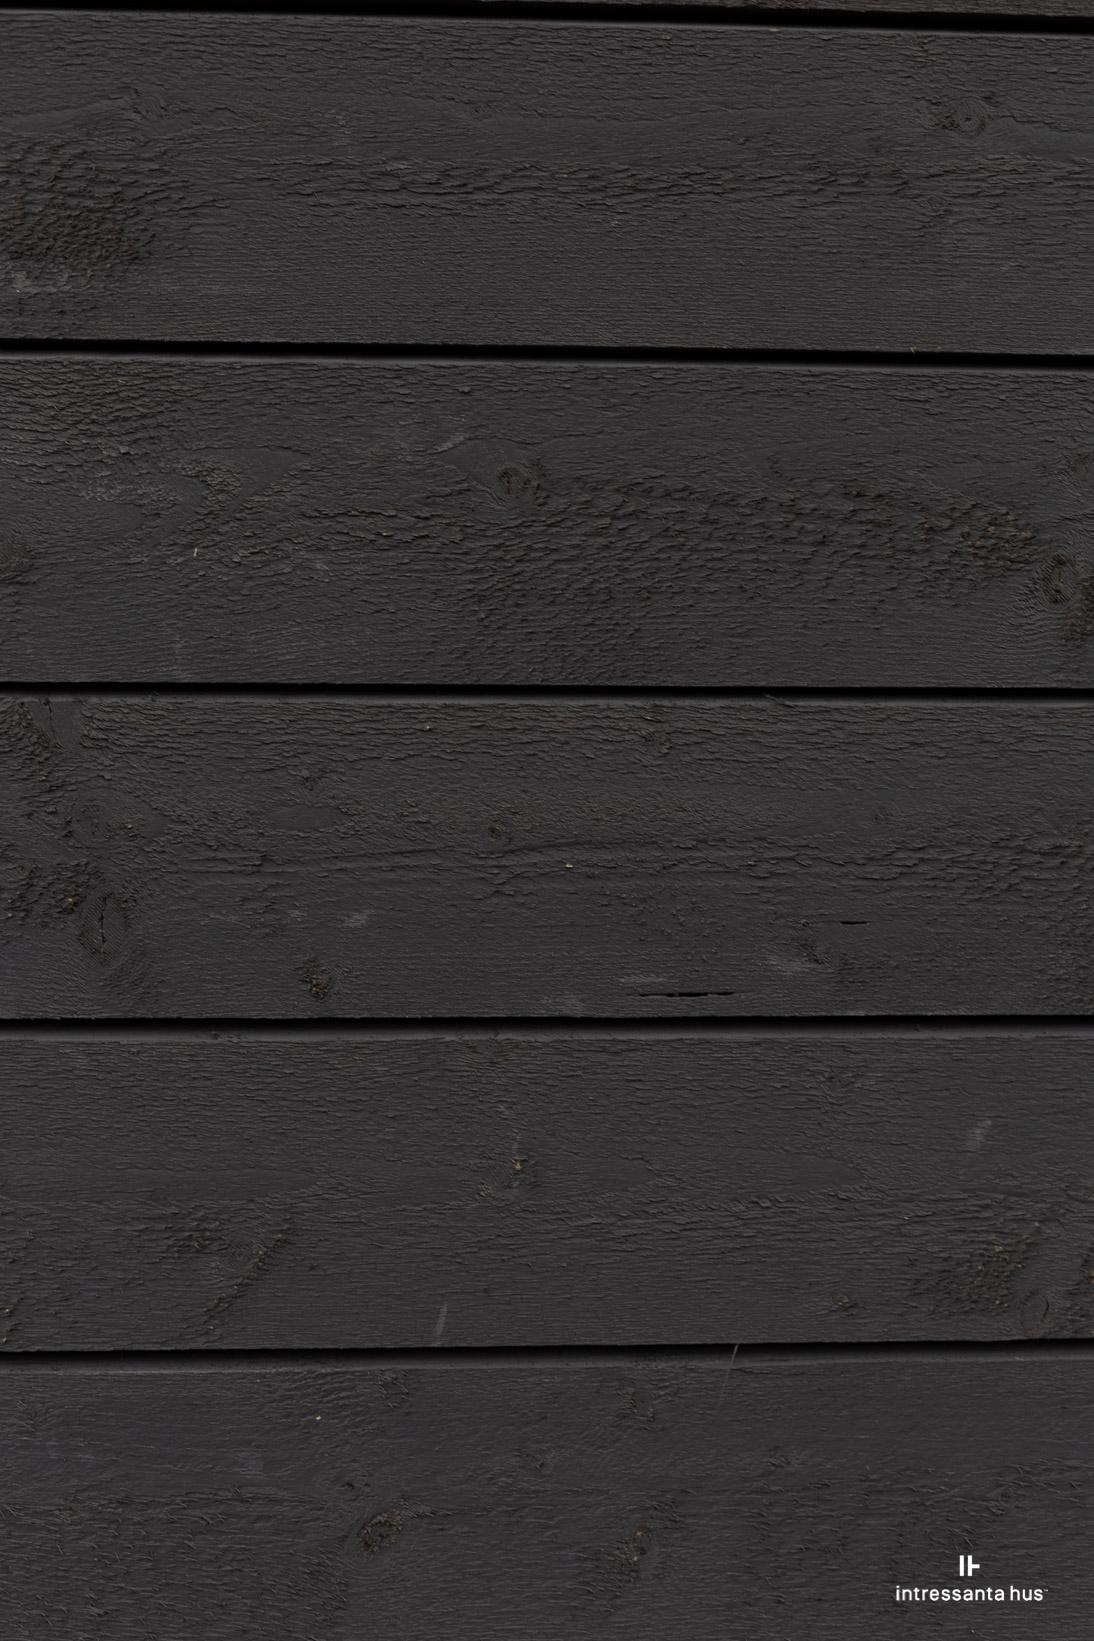 intressantahus-framnas-005